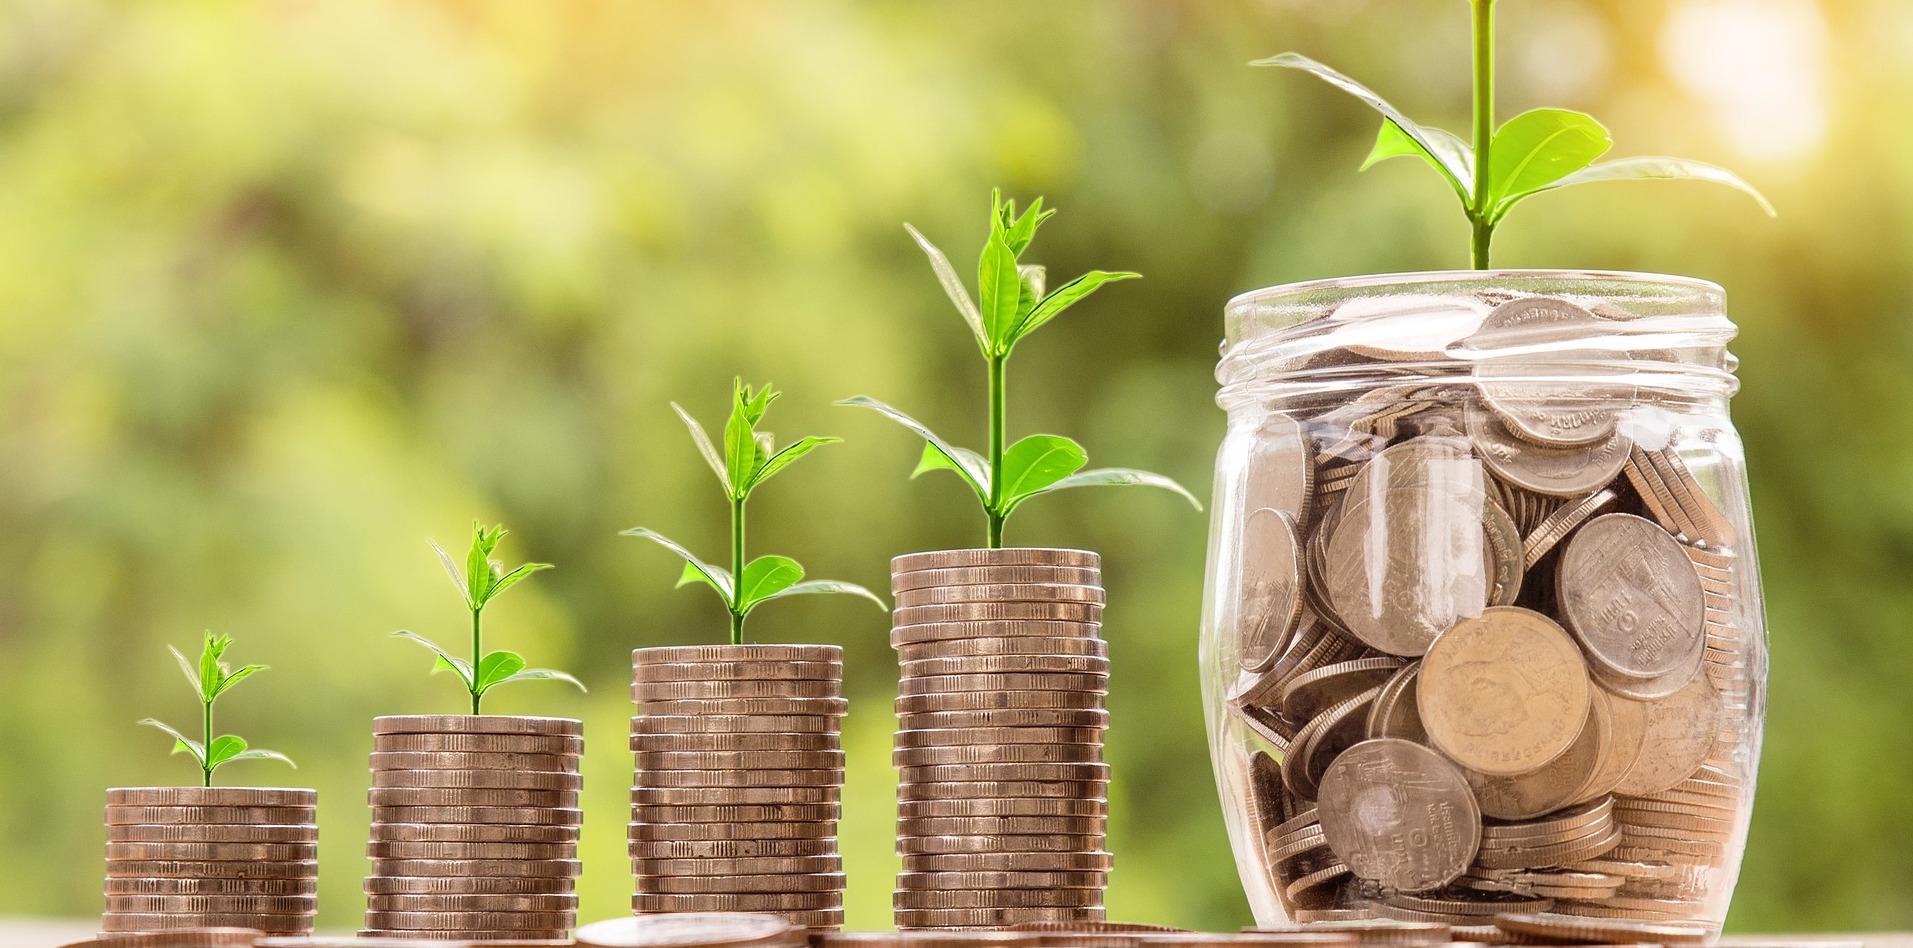 10 Geldsparhacks die garantiert zum Erfolg führen